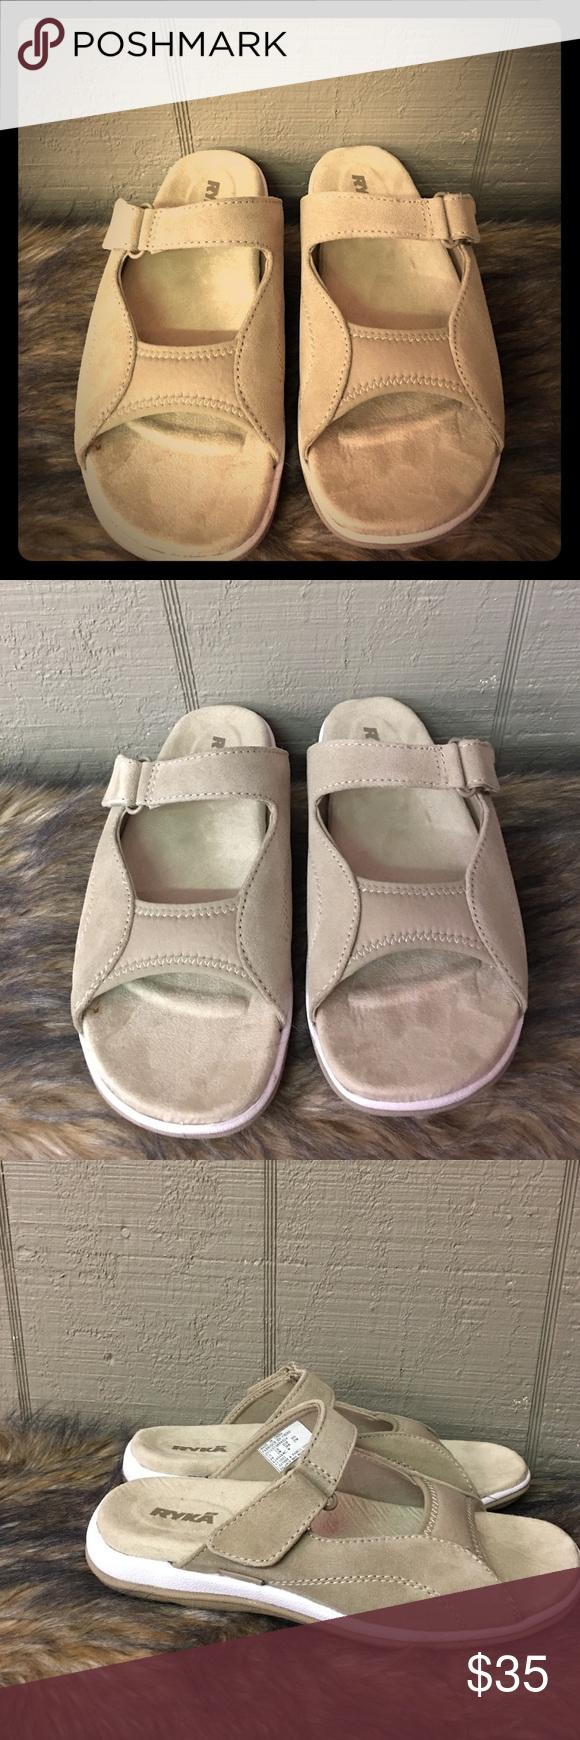 Ryka sandals shoes - Ryka Suede Cream Slip On 8w Sandals Ryka Suede Cream Slip On 8w Sandals Ryka Shoes